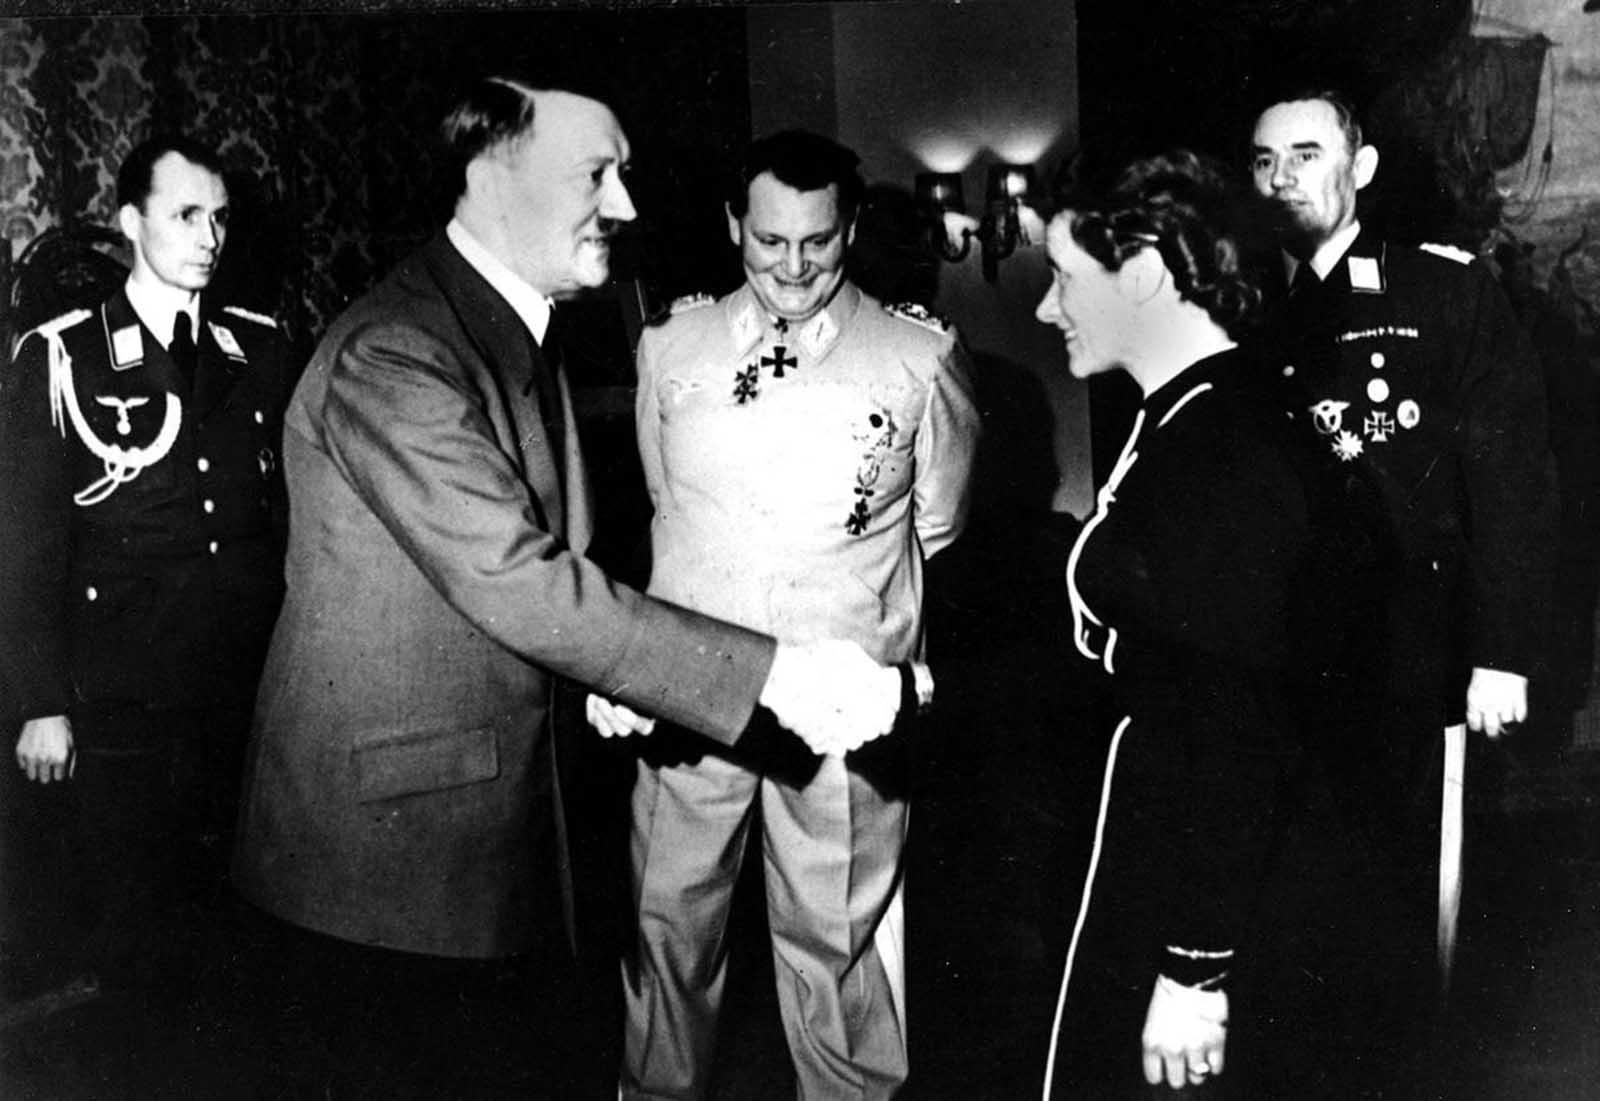 El capitán de aviación alemana, capitana Hanna Reitsch, le da la mano al canciller alemán Adolf Hitler después de haber sido galardonado con la segunda clase de la Cruz de Hierro en la Cancillería del Reich en Berlín, Alemania, en abril de 1941, por su servicio en el desarrollo de instrumentos de armamento de aviones durante la Segunda Guerra Mundial. . En la parte posterior, el centro es Reichsmarshal Hermann Goering. En la extrema derecha está el teniente general Karl Bodenschatz, del Ministerio de Aire alemán.